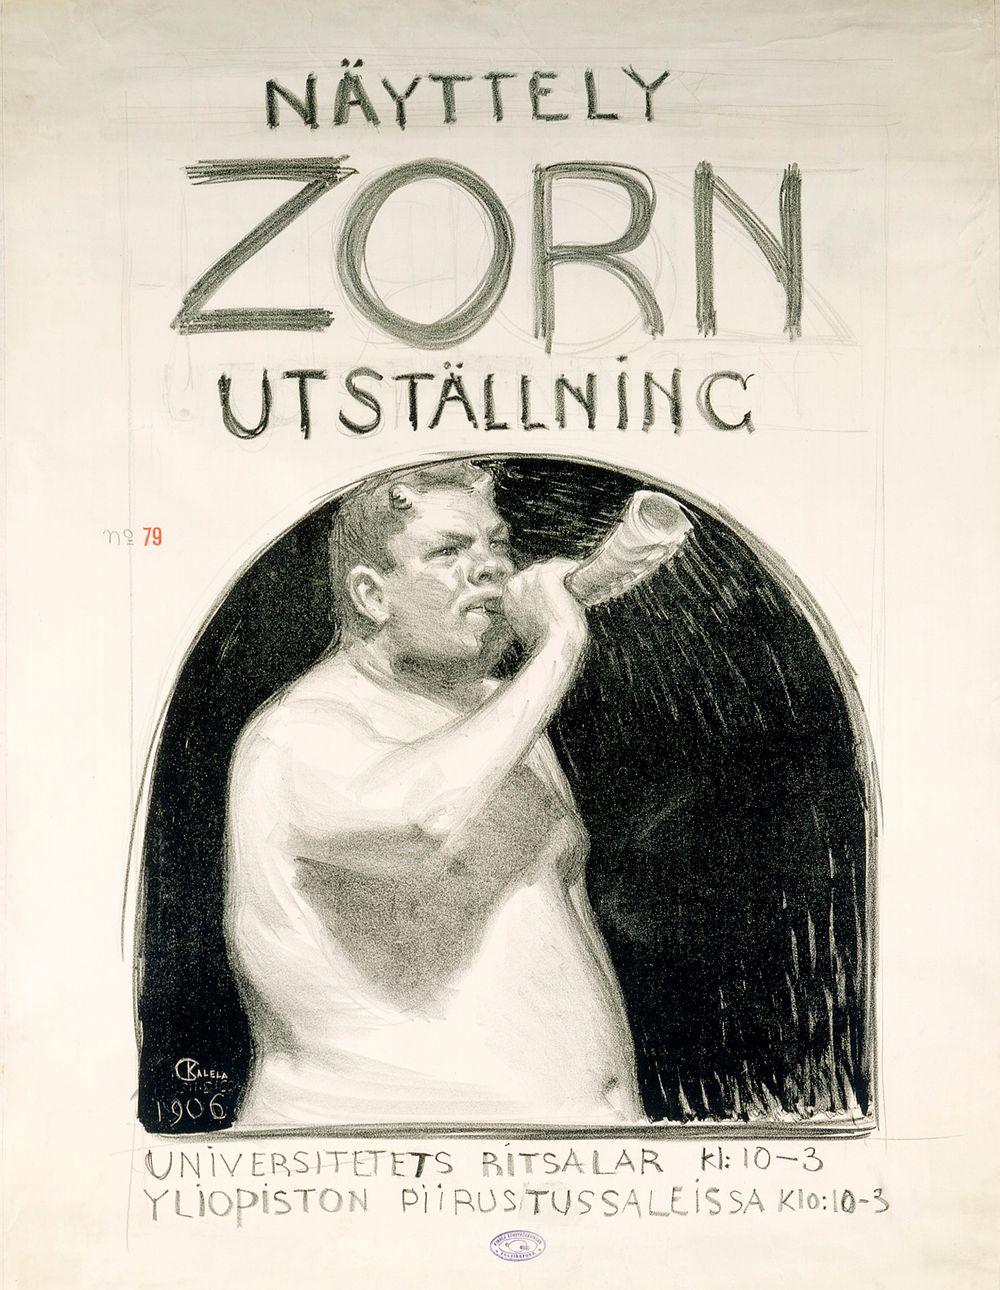 Juliste Zornin näyttelyyn